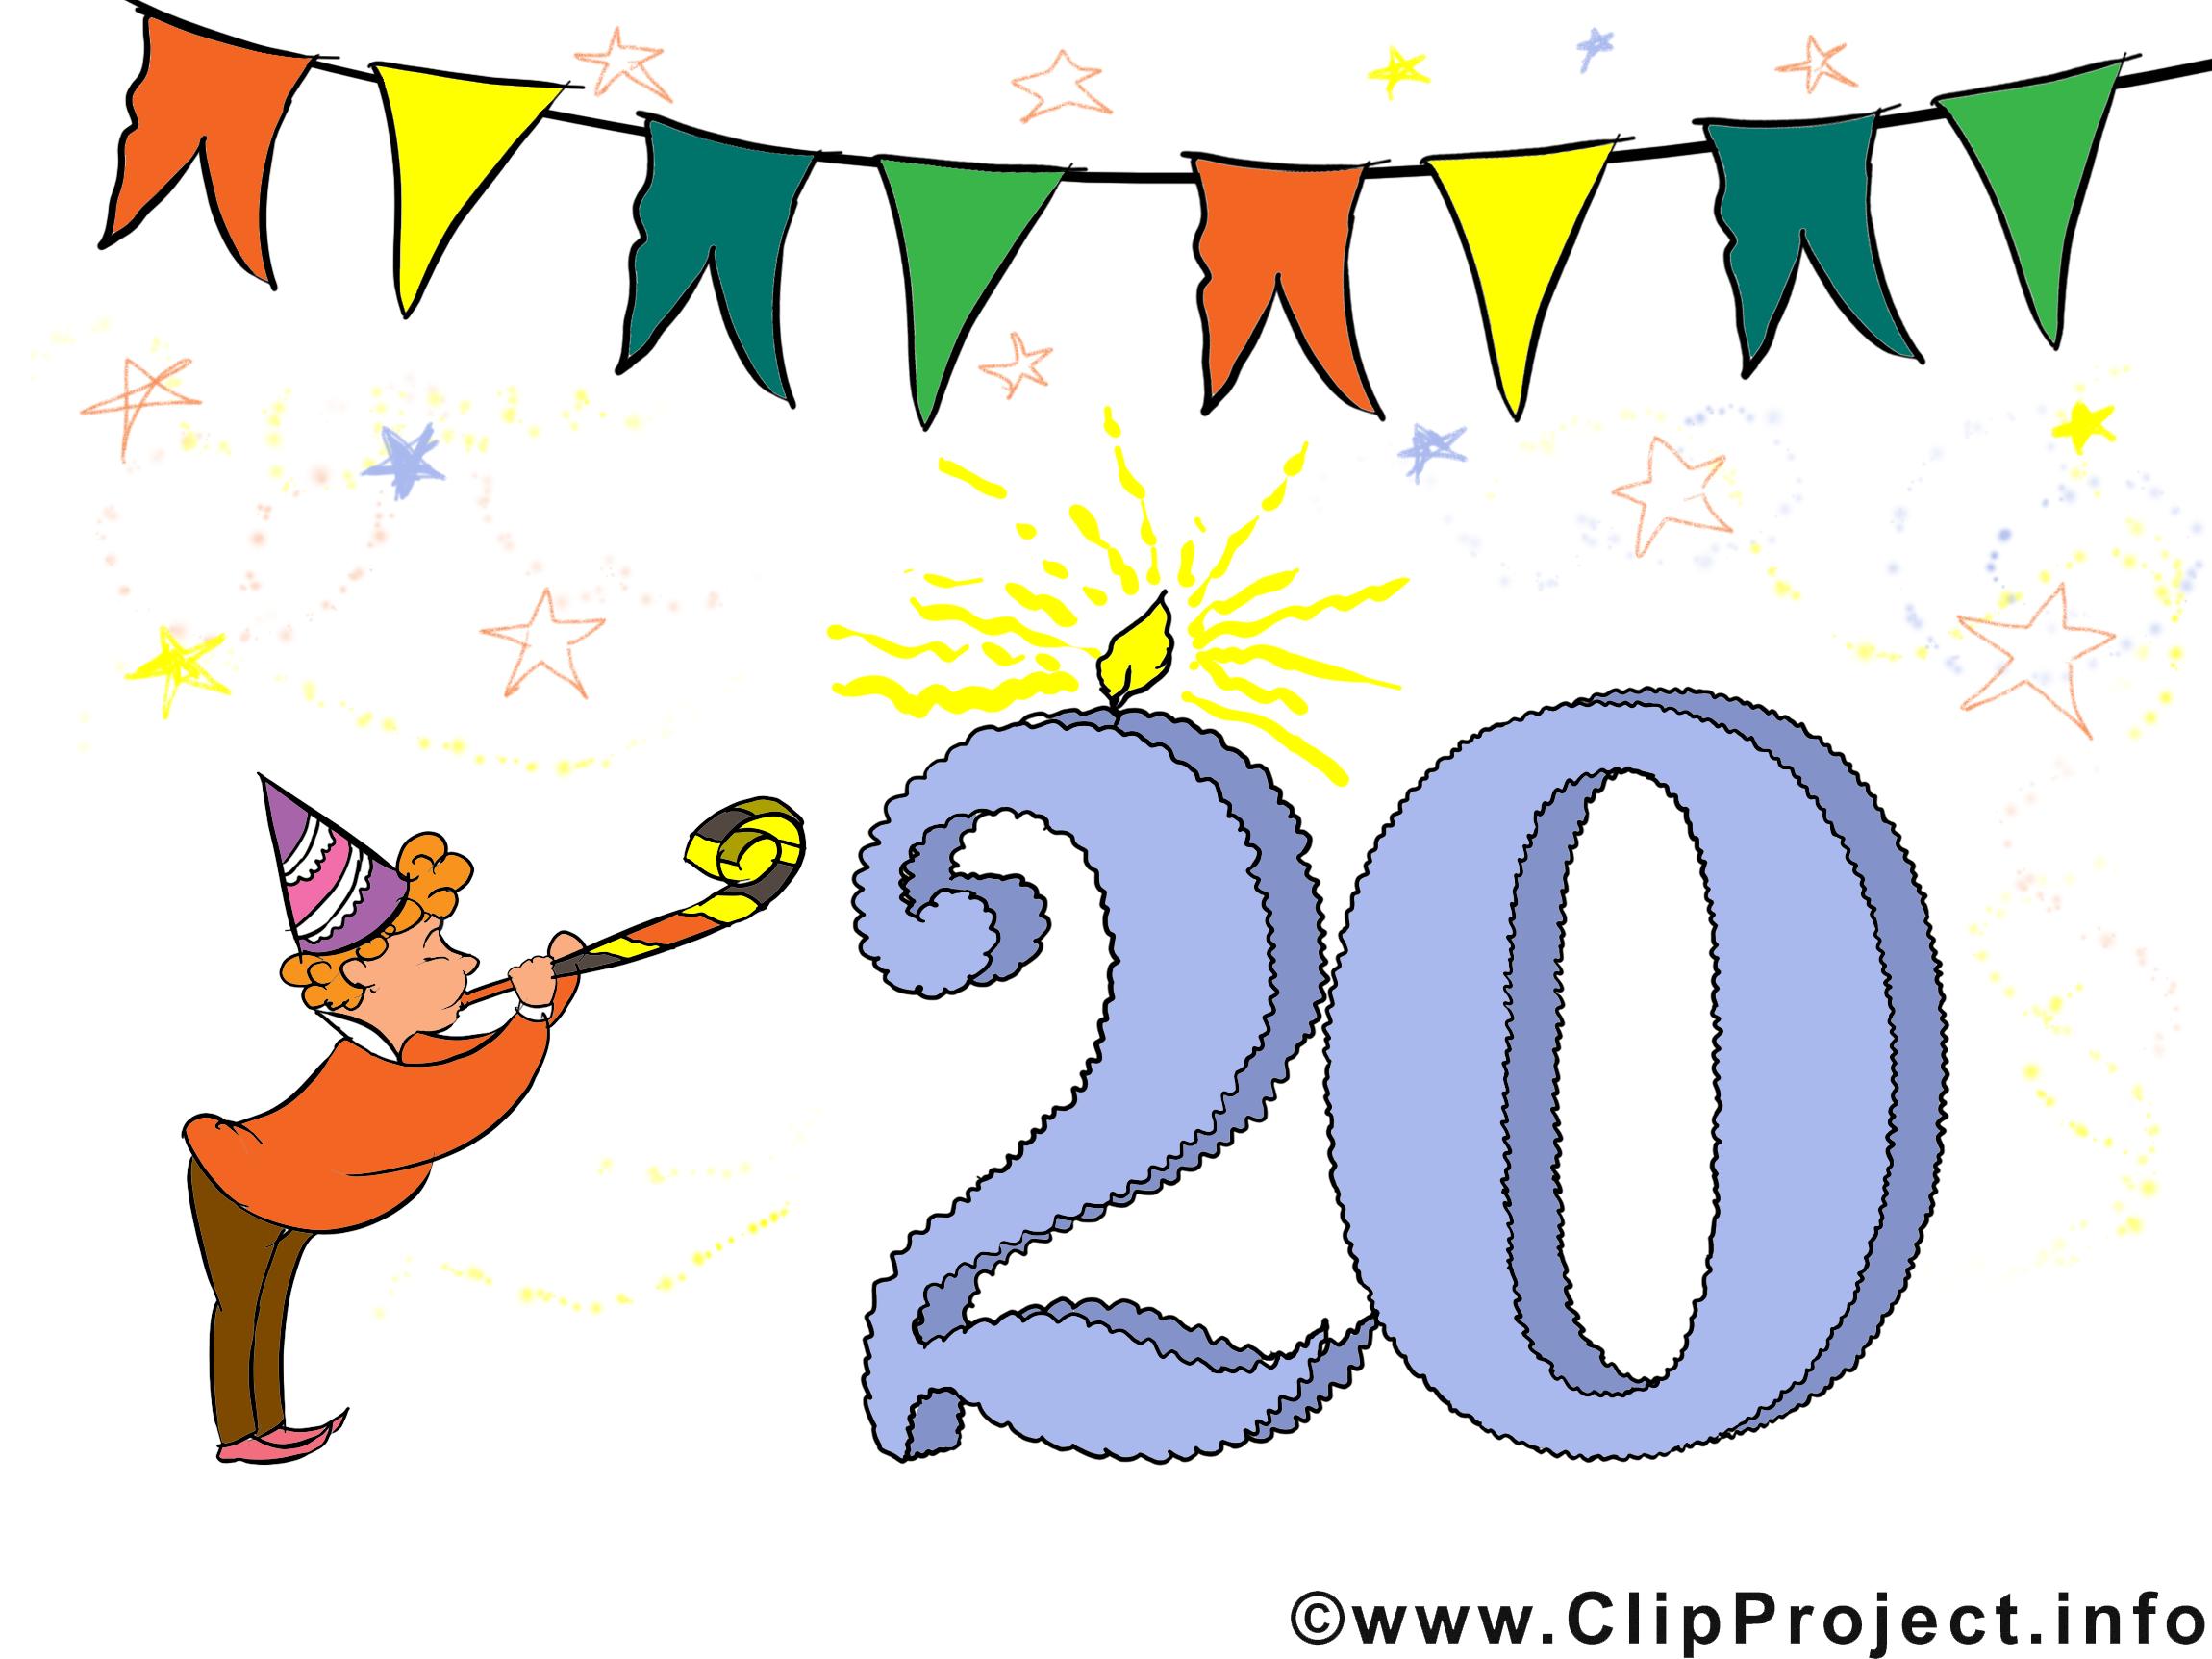 Glckwnsche zum geburtstag clipart image freeuse download Glückwünsche 20. Geburtstag Clipart, Bild, Karte image freeuse download